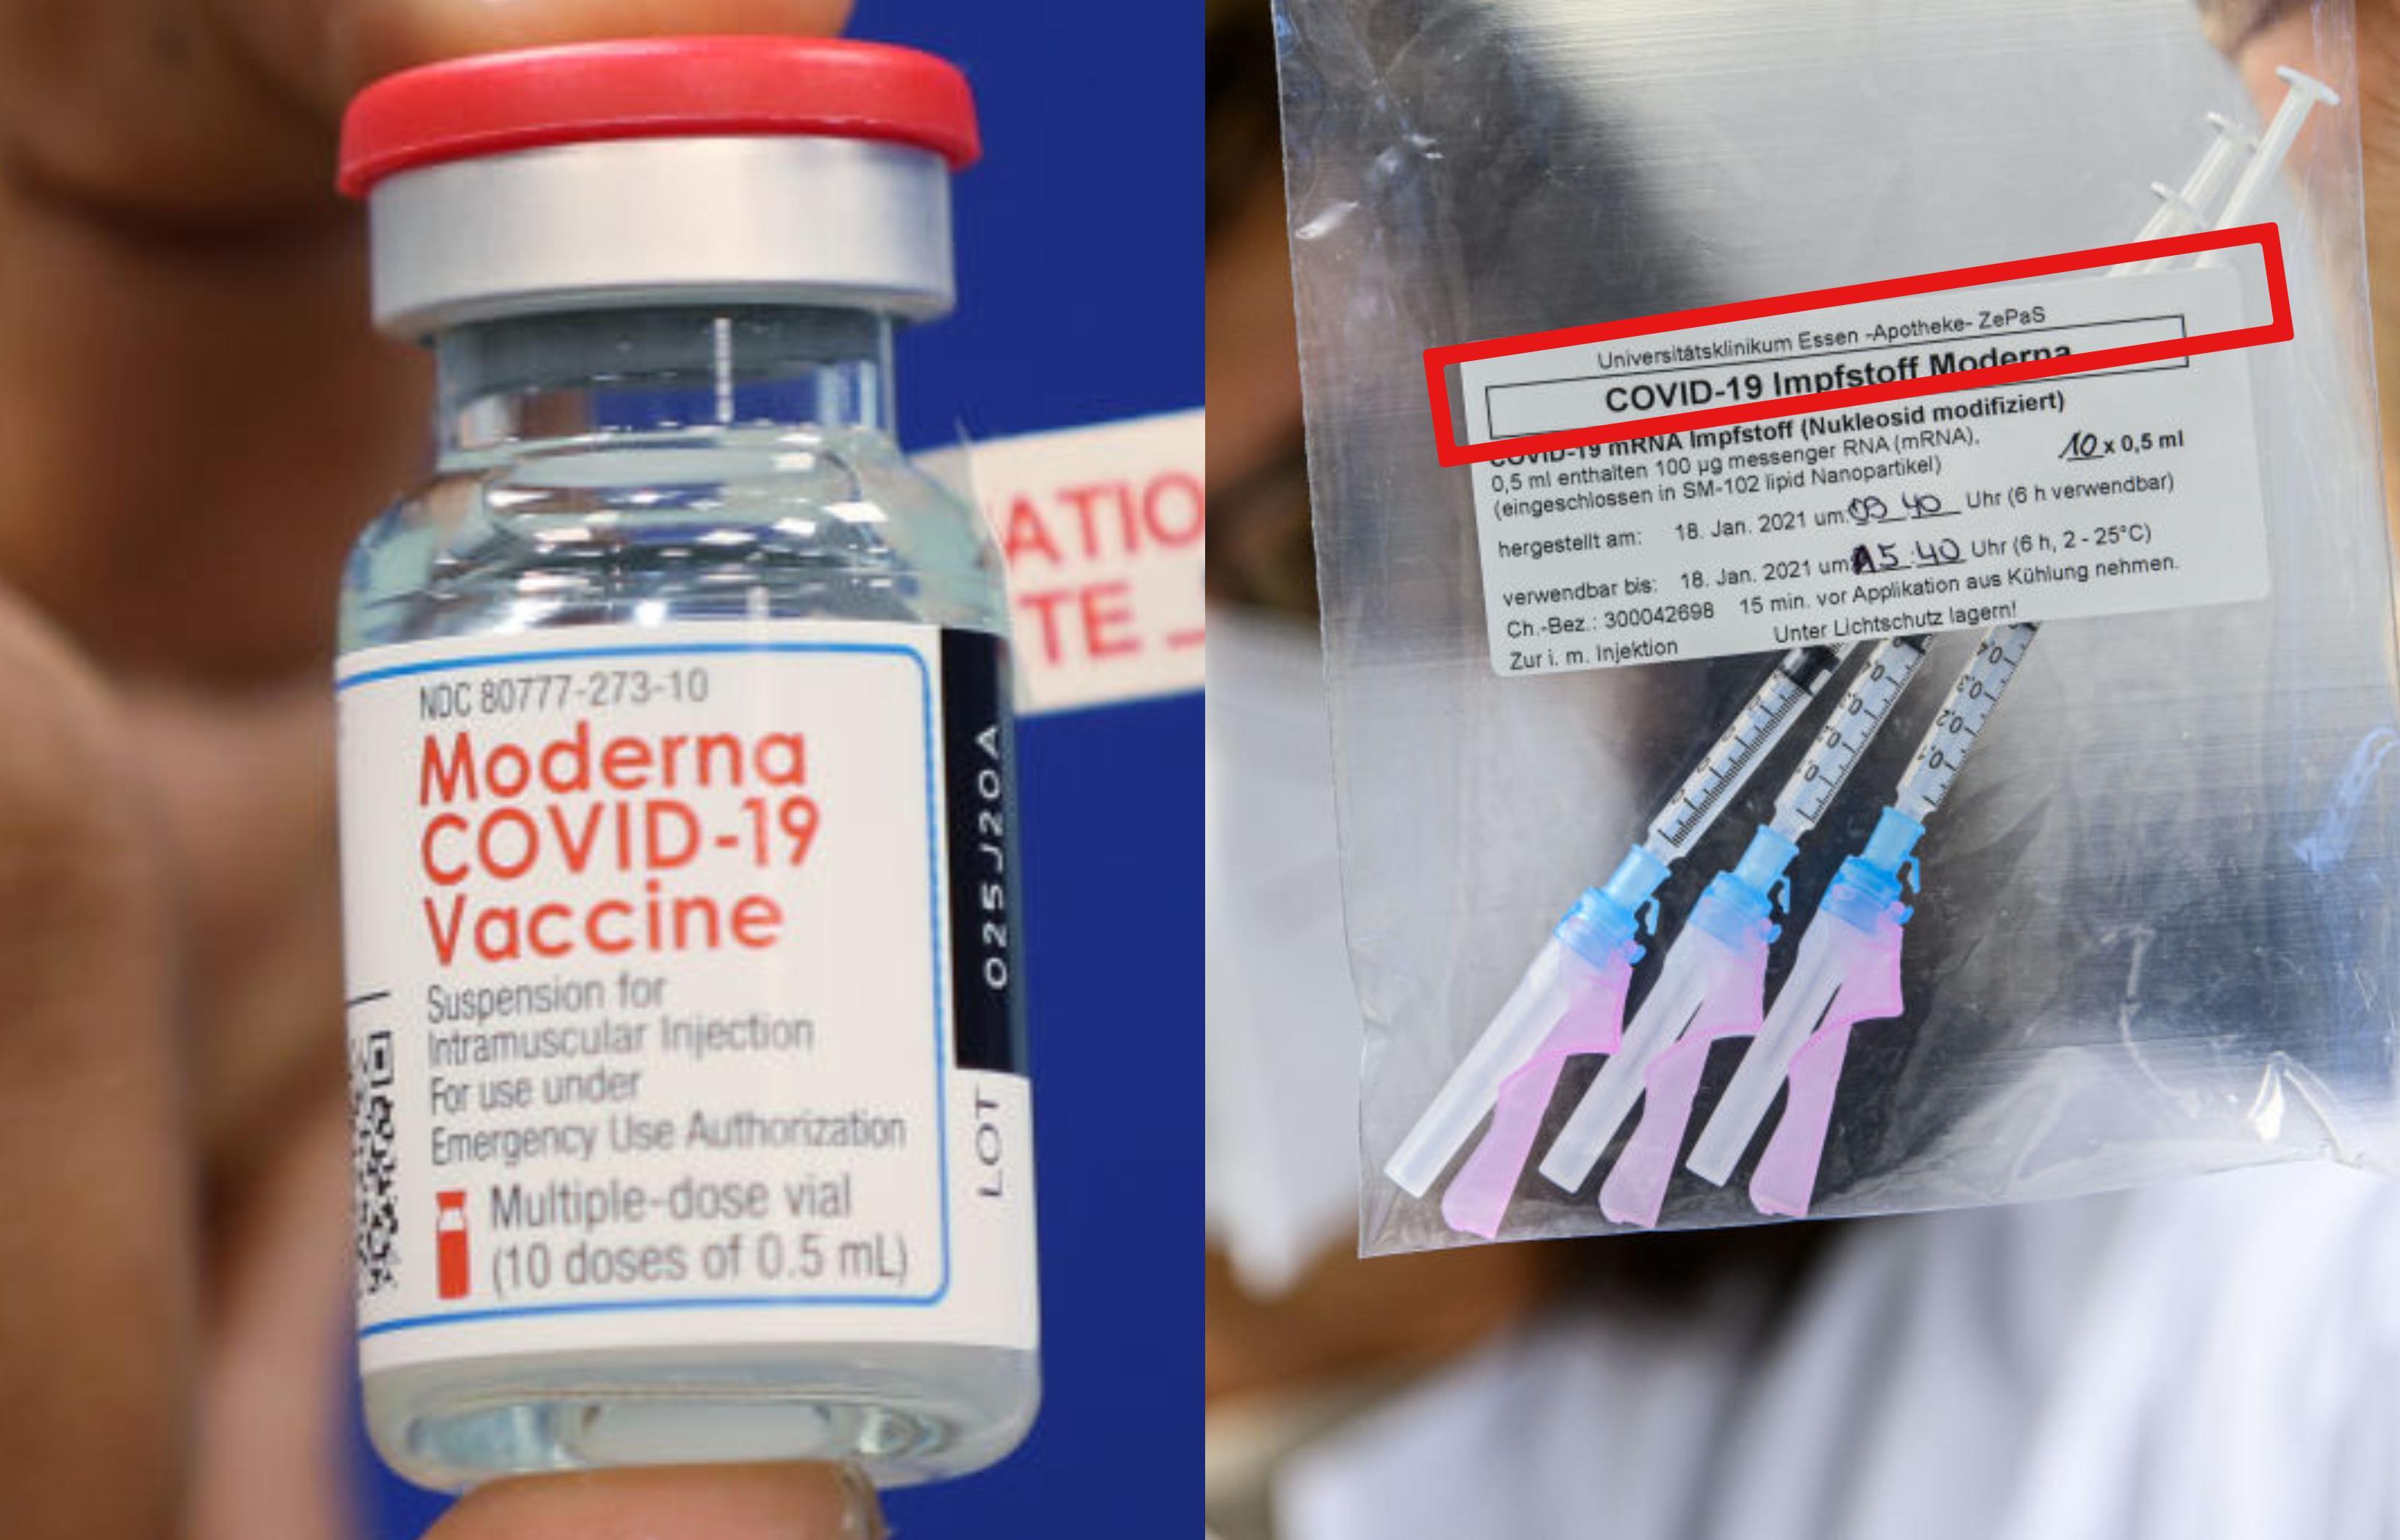 Când începe să se administreze vaccinul Moderna, în România. La câte zile se va face doza de rapel și care sunt persoanele vizate